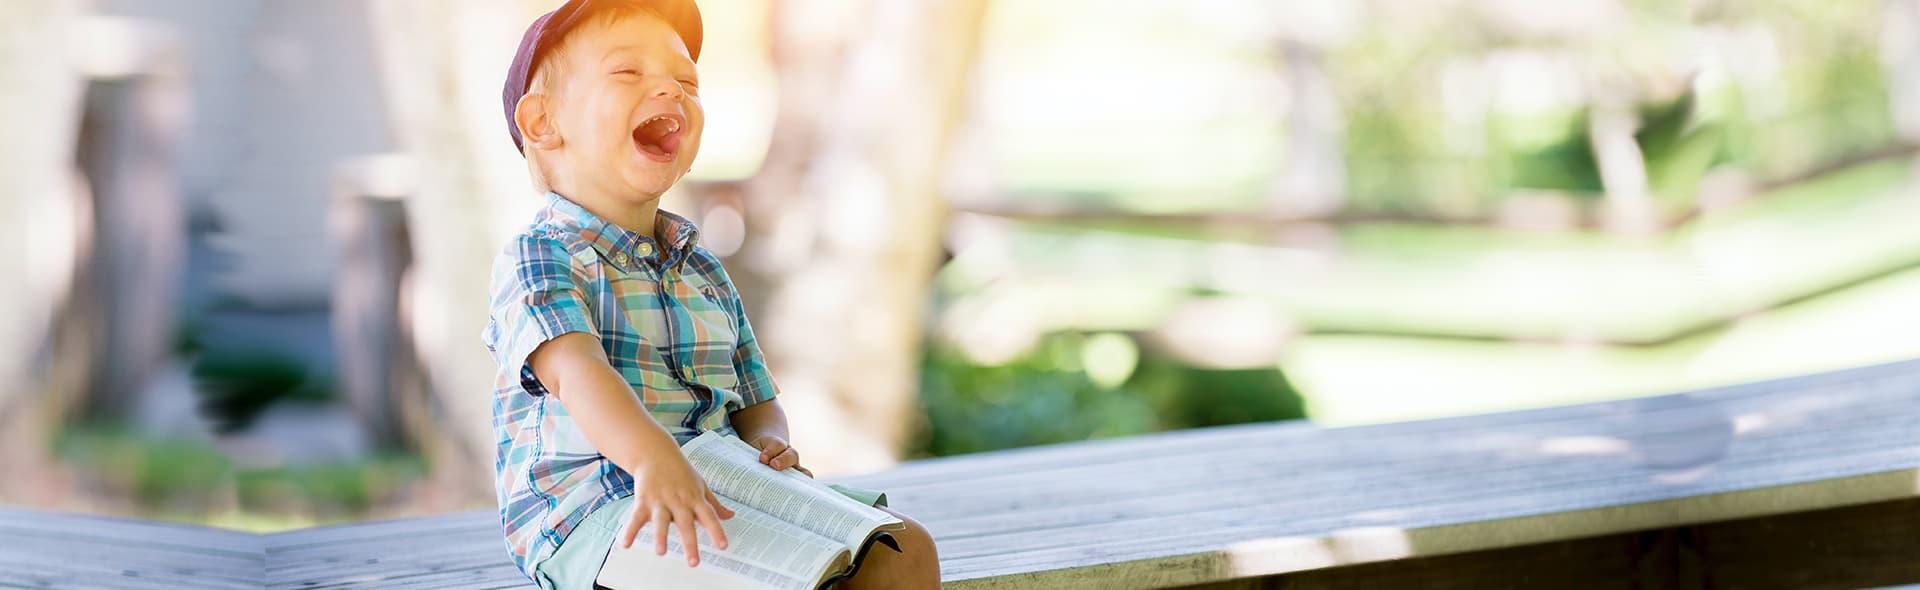 Bildung kreativ und zukunftsfähig entwickeln